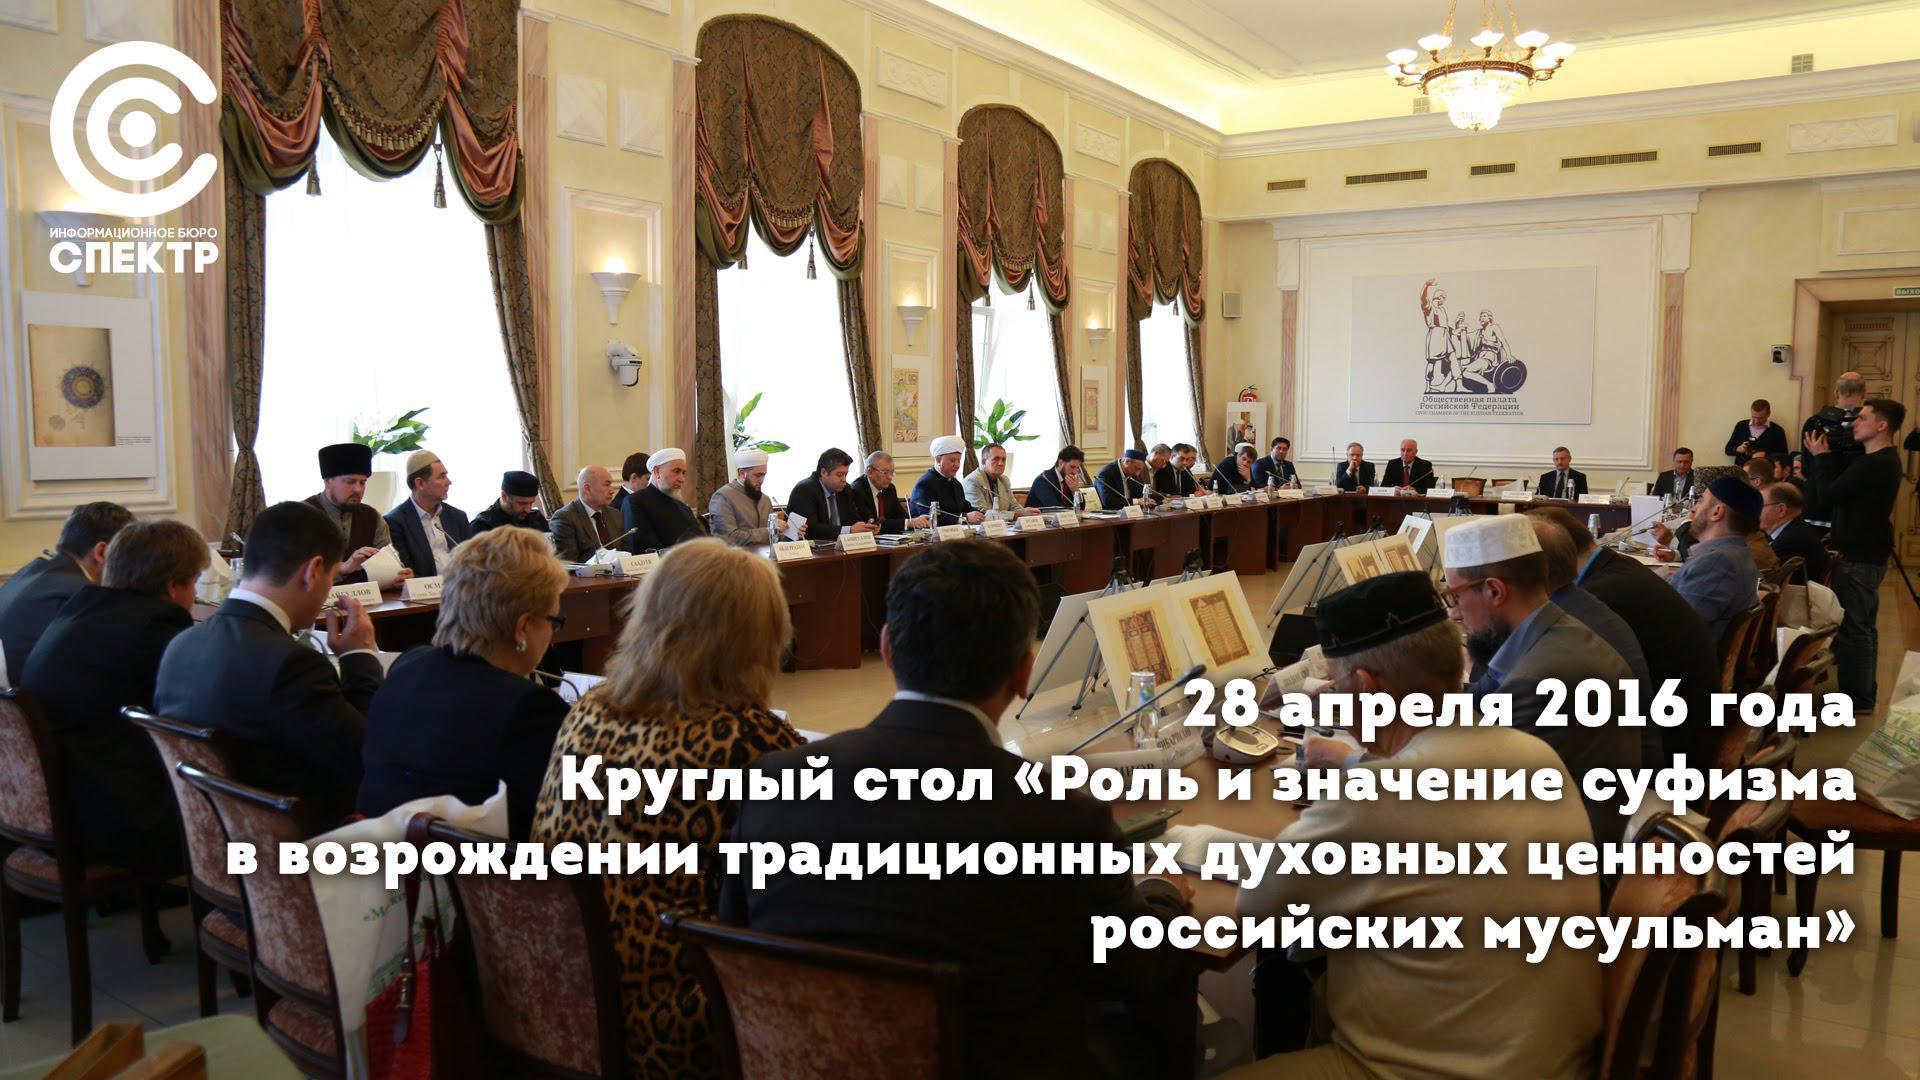 Embedded thumbnail for Роль и значение суфизма обсудили в Общественной Палате РФ 28 апреля 2016 года